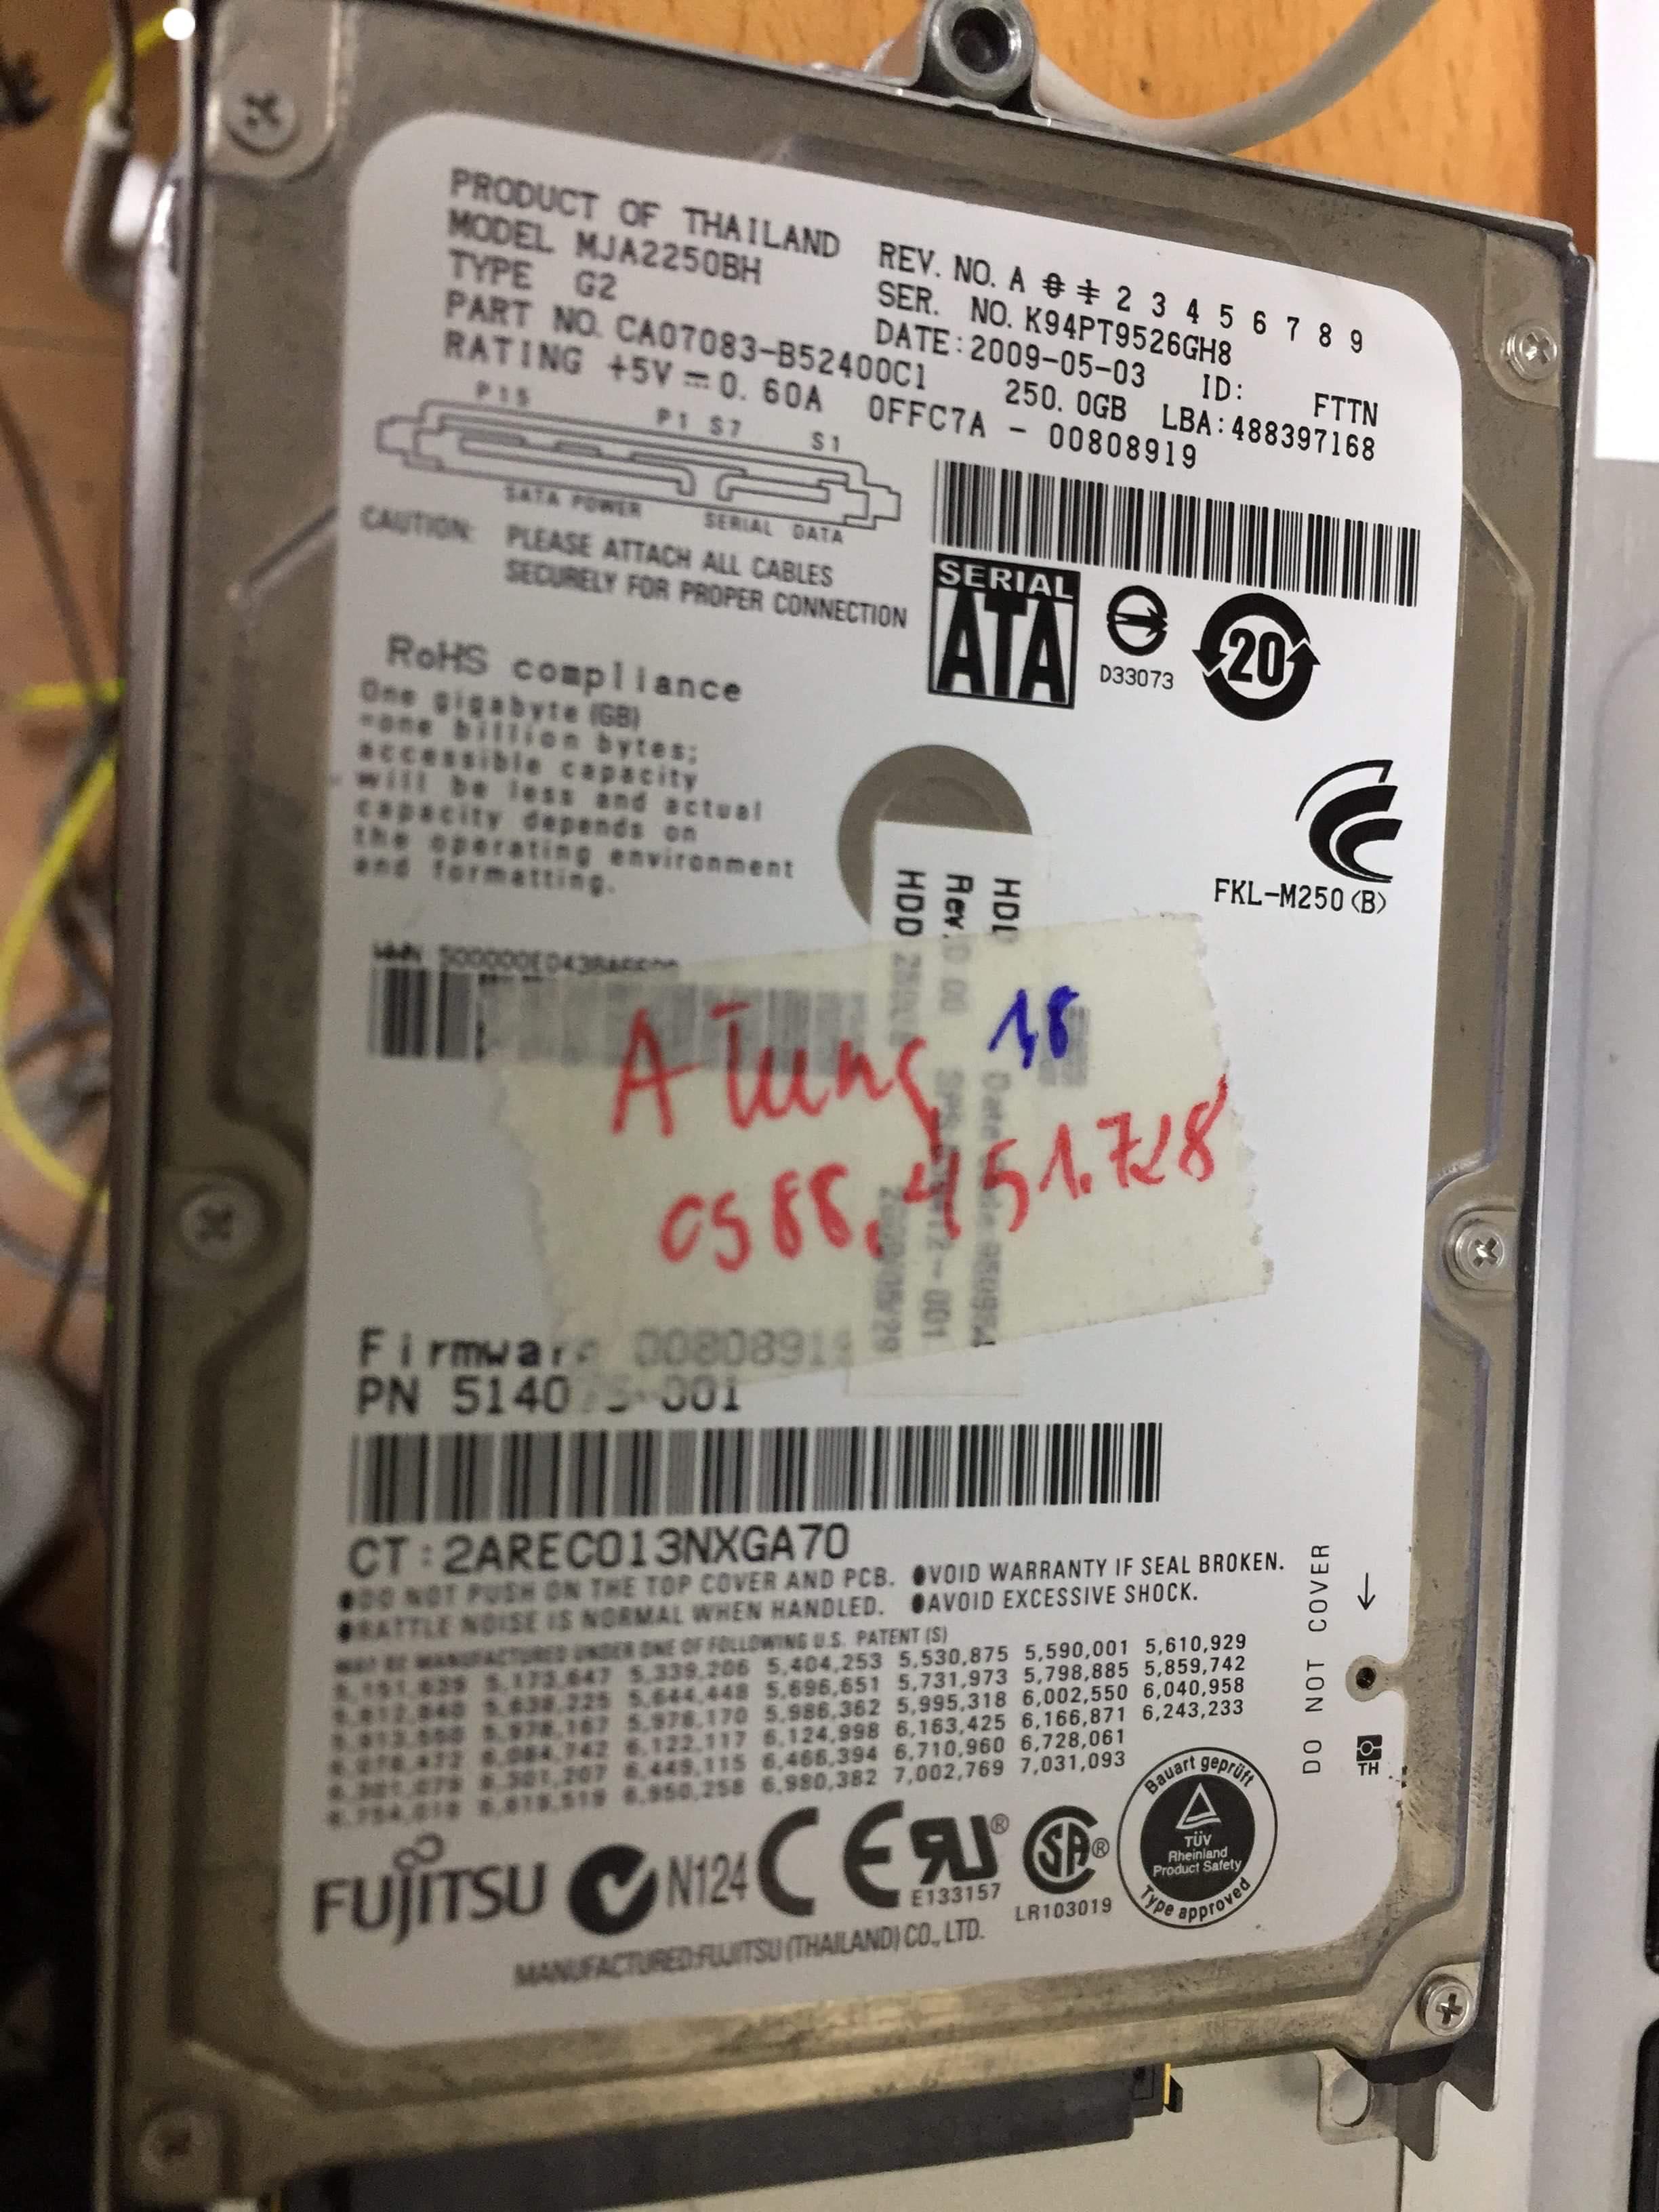 Lấy dữ liệu ổ cứng Fujitsu 250GB lỗi đầu đọc  24/04 - cuumaytinh